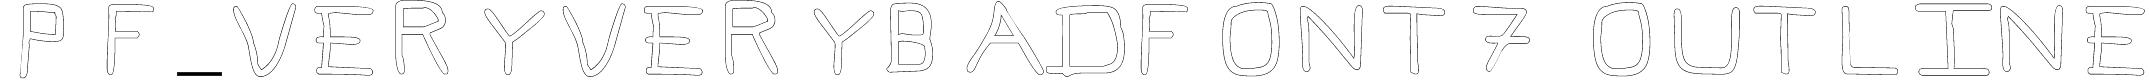 Pf_veryverybadfont7 Outline Font